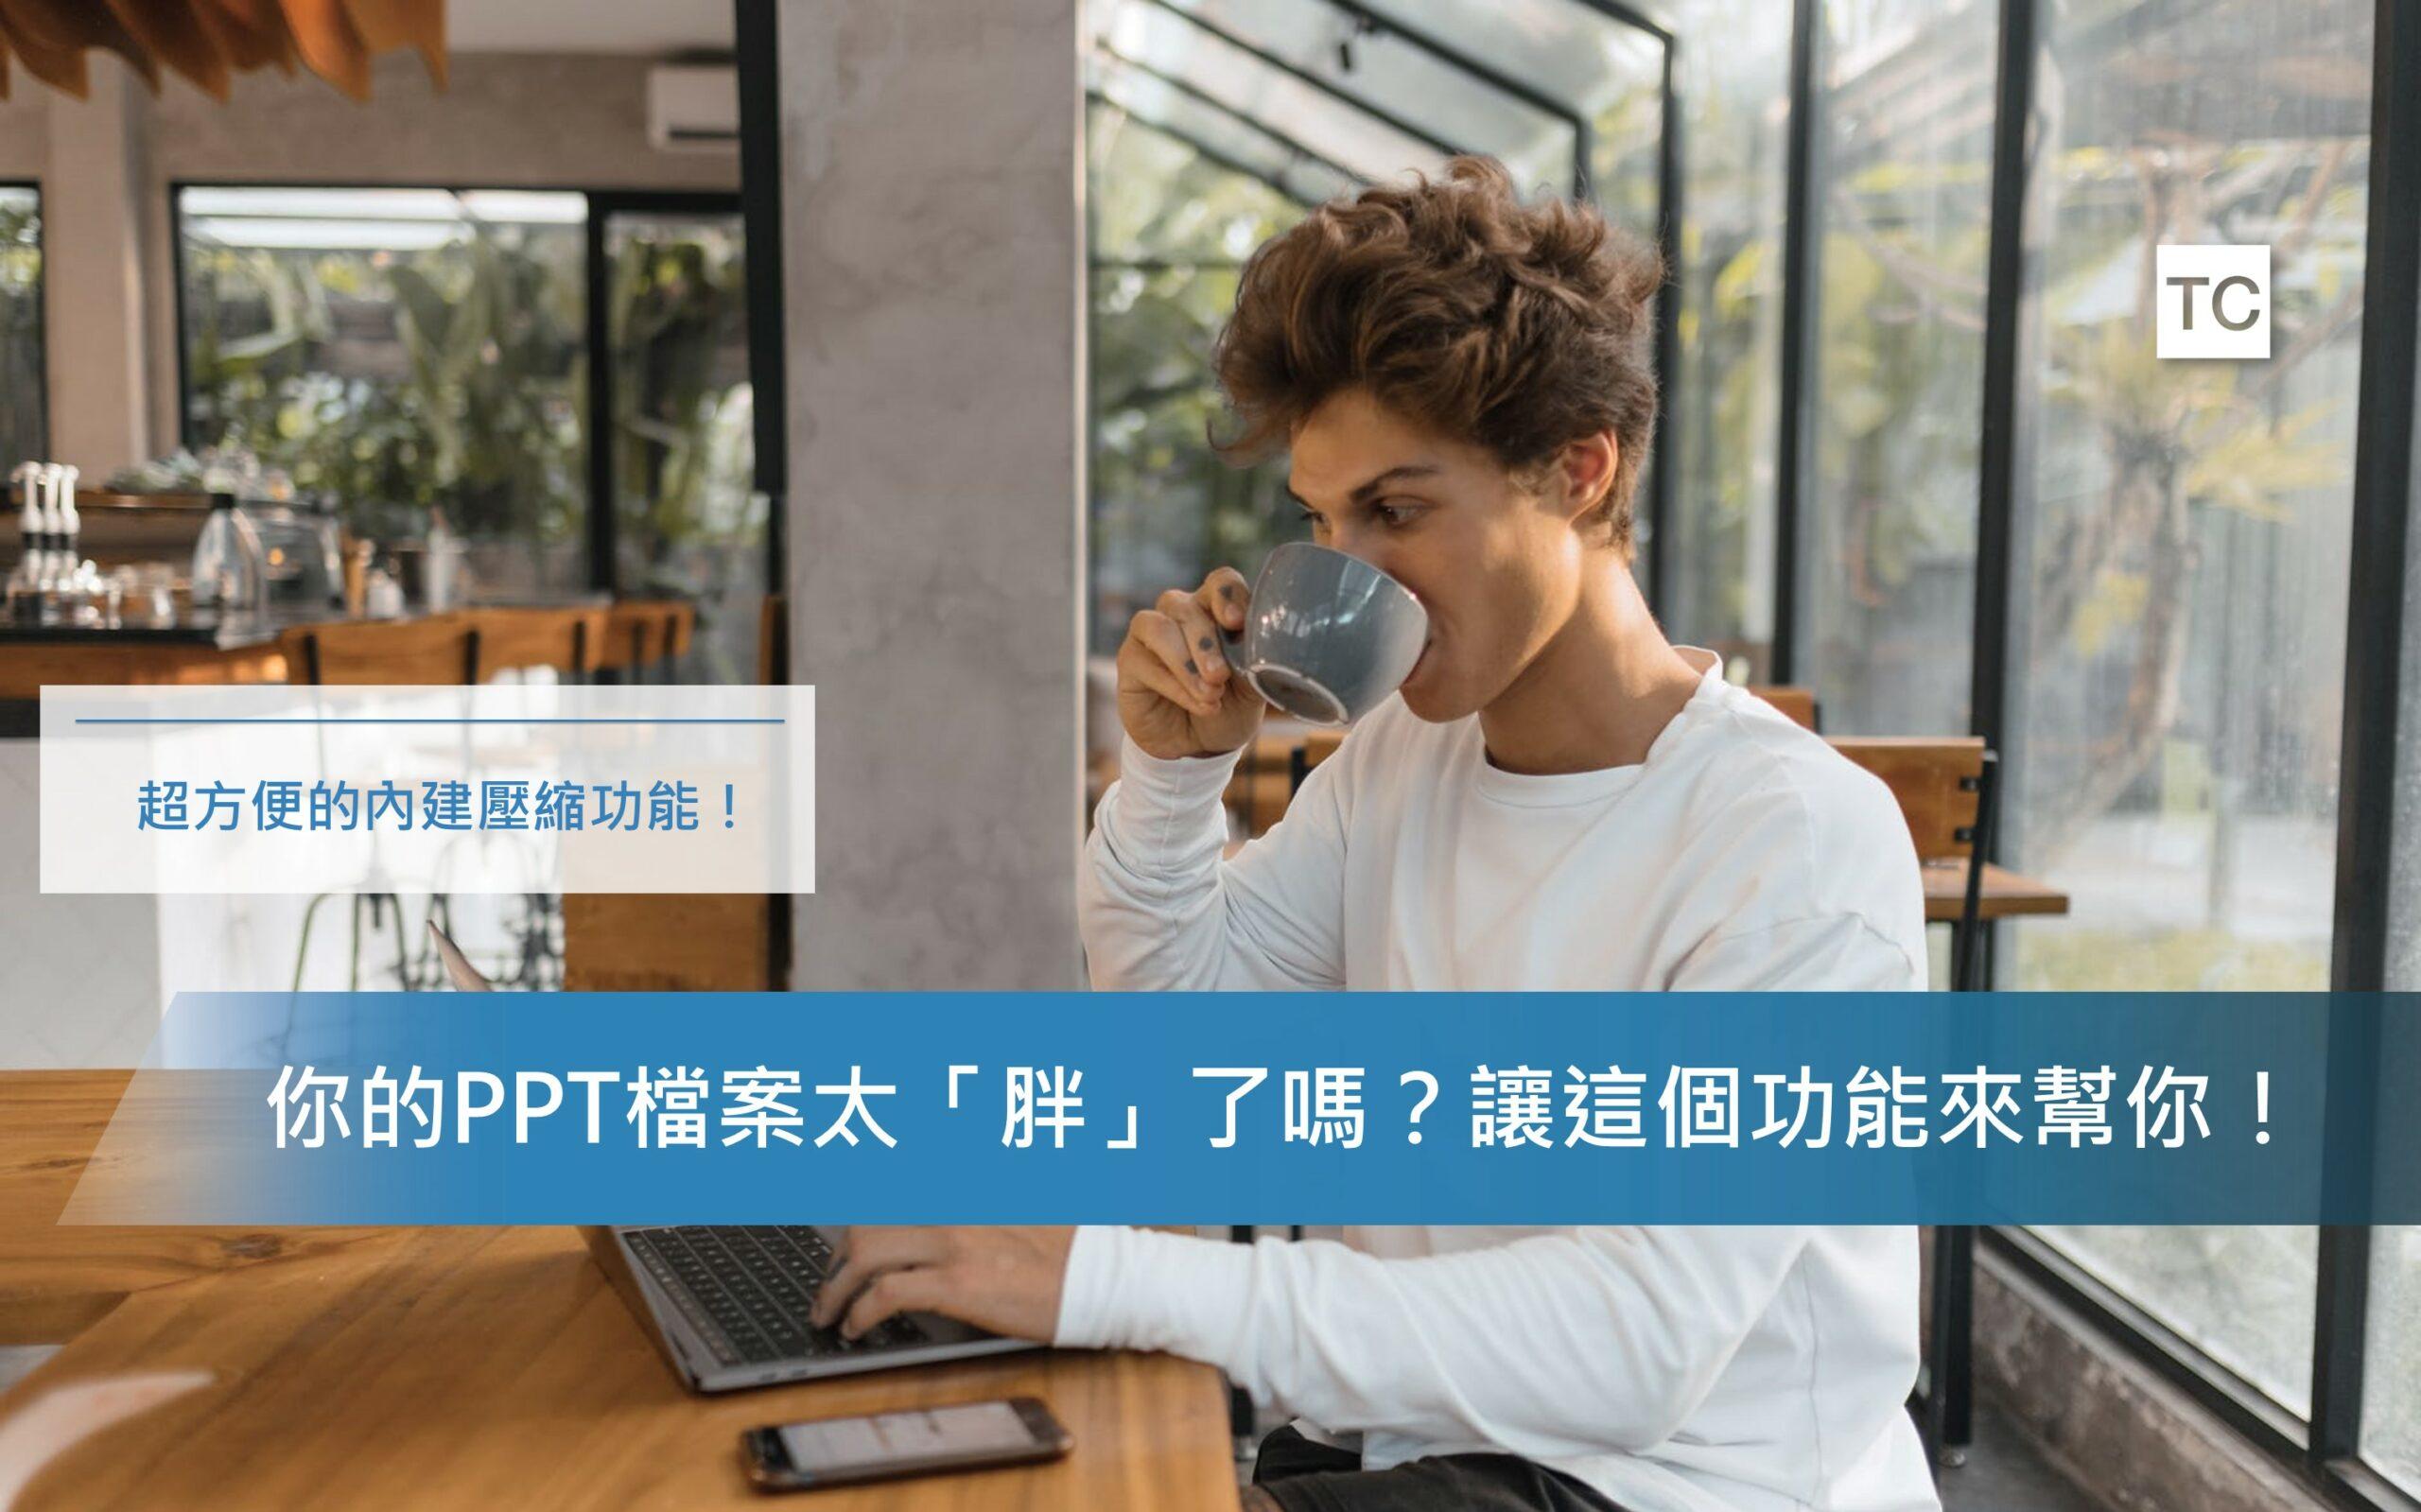 PPT教學|使用PPT壓縮檔案的功能,提升你的載入速度!